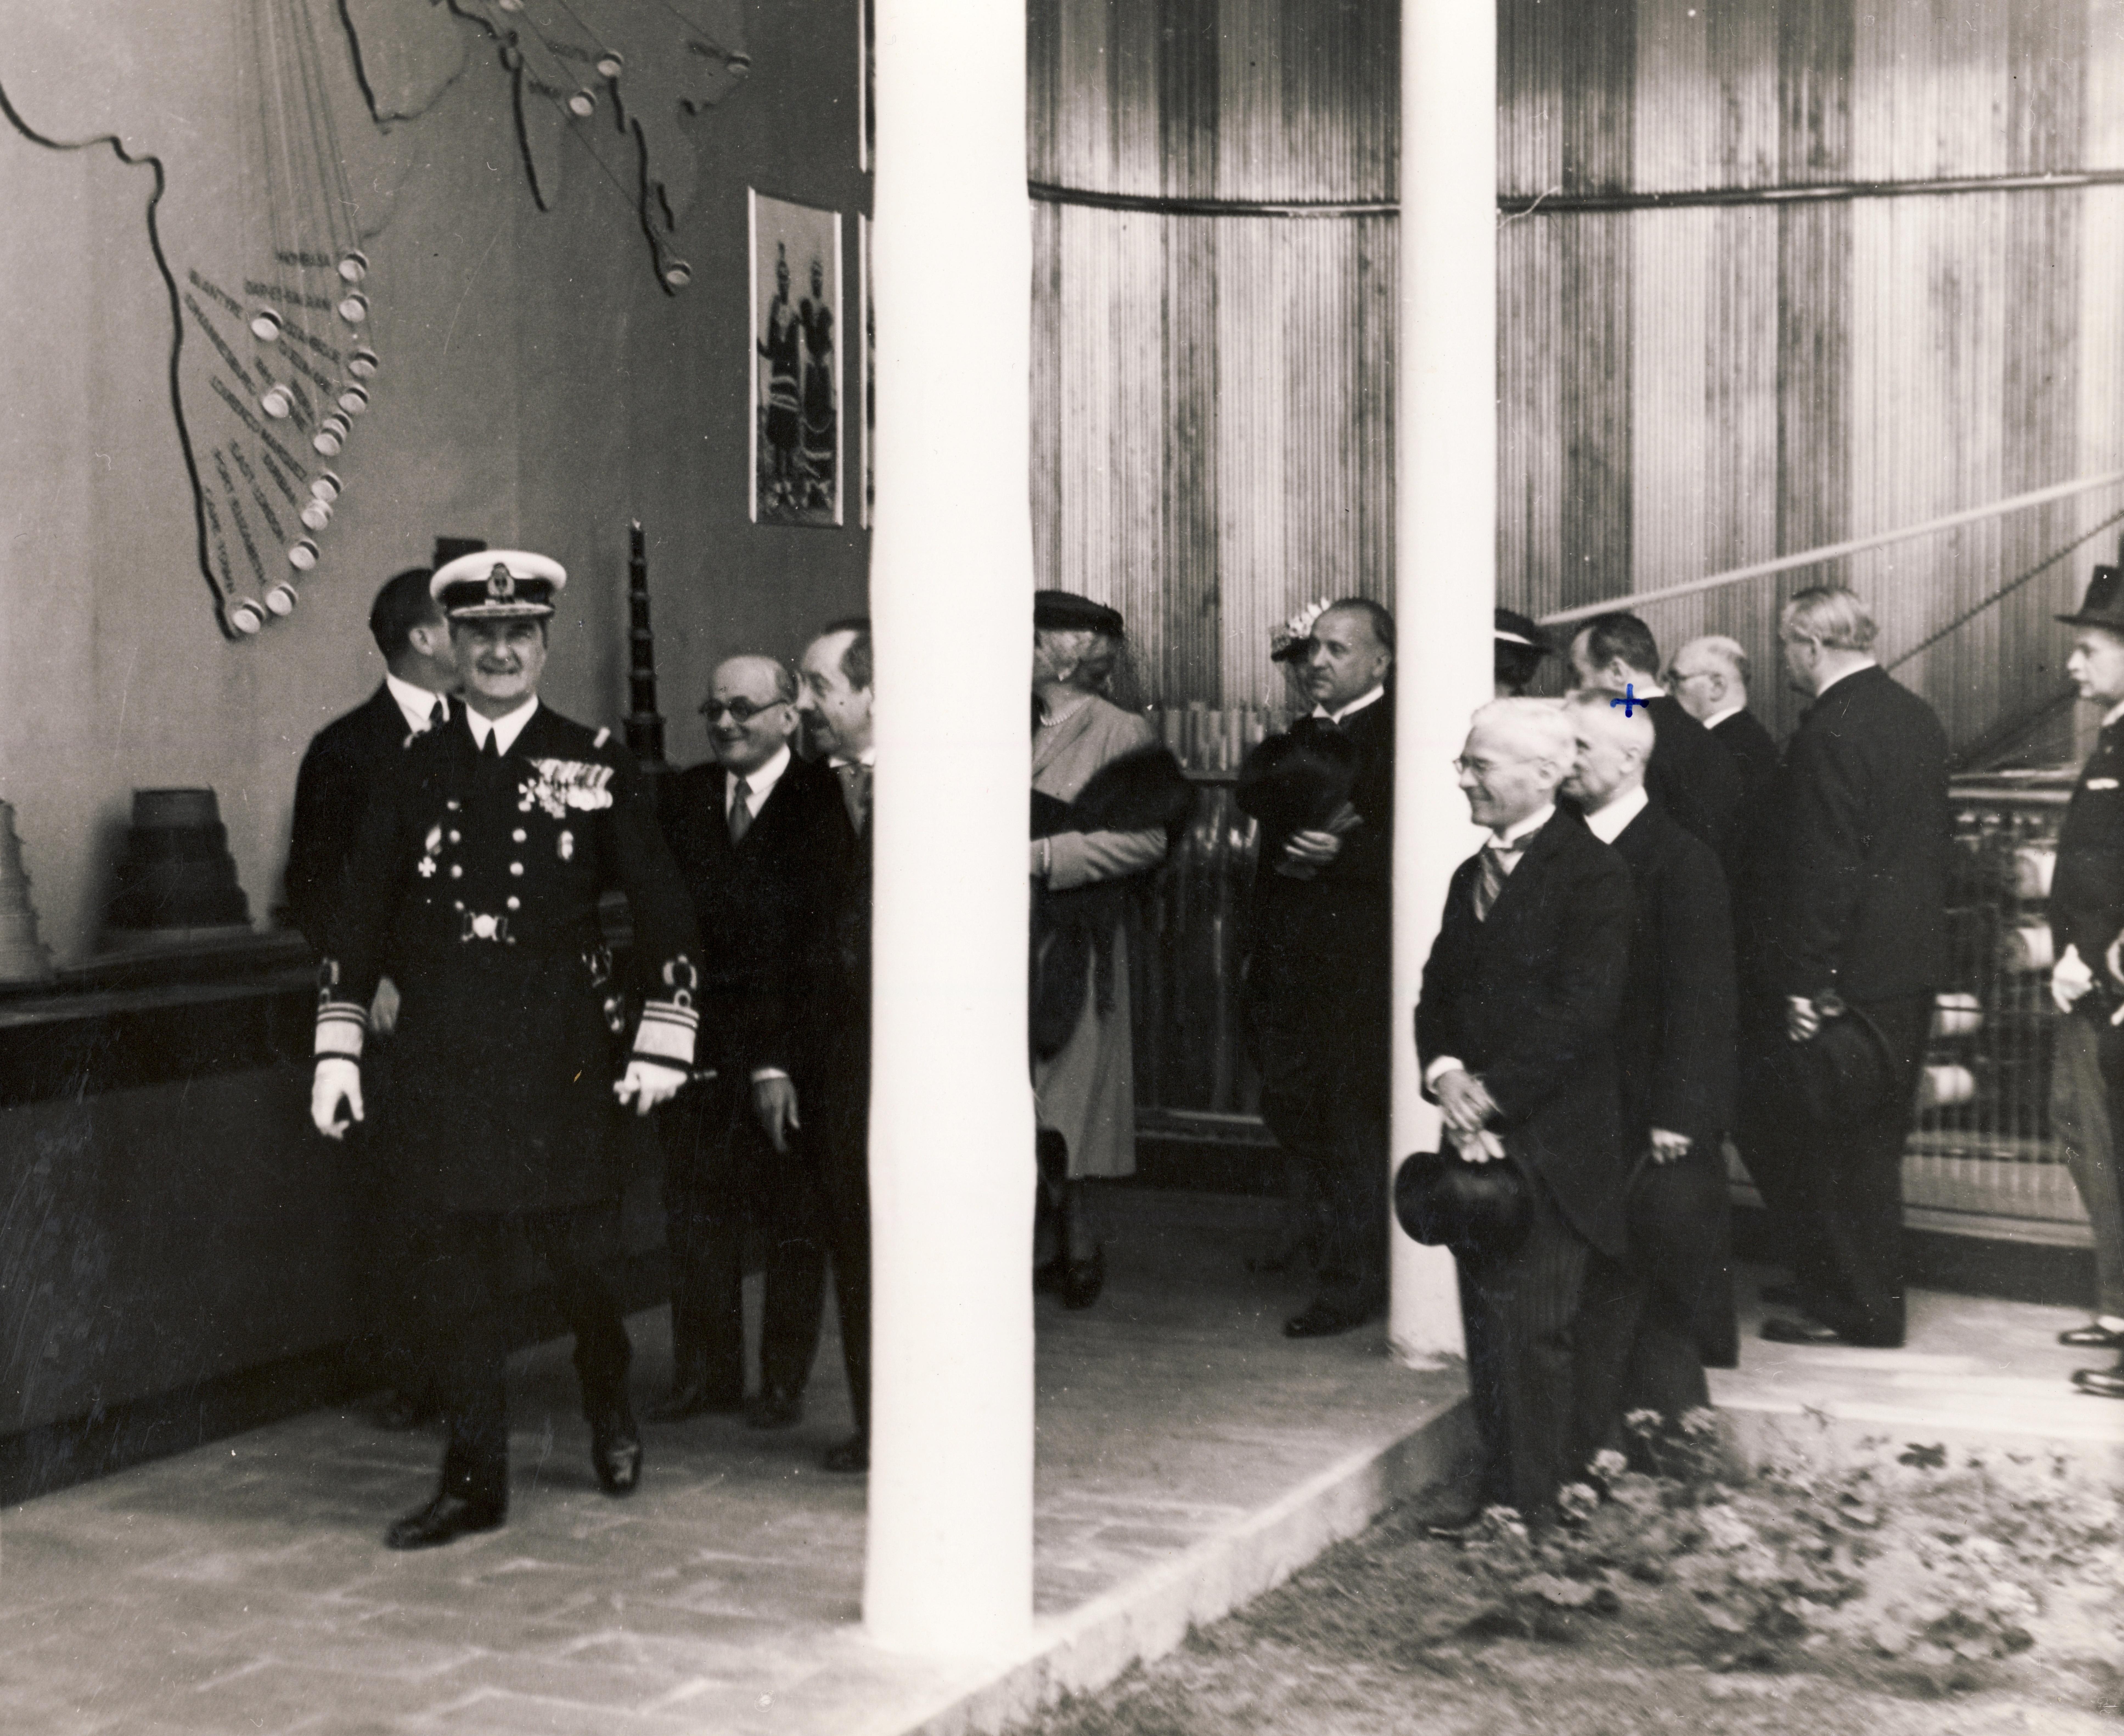 1939, Horthy Miklós kormányzó, mögötte szemüveggel Chorin Ferenc a Gyáriparosok Országos Szövetsége elnöke / Fotó: Fortepan.hu, ADOMÁNYOZÓ: HANSER MÁRIA